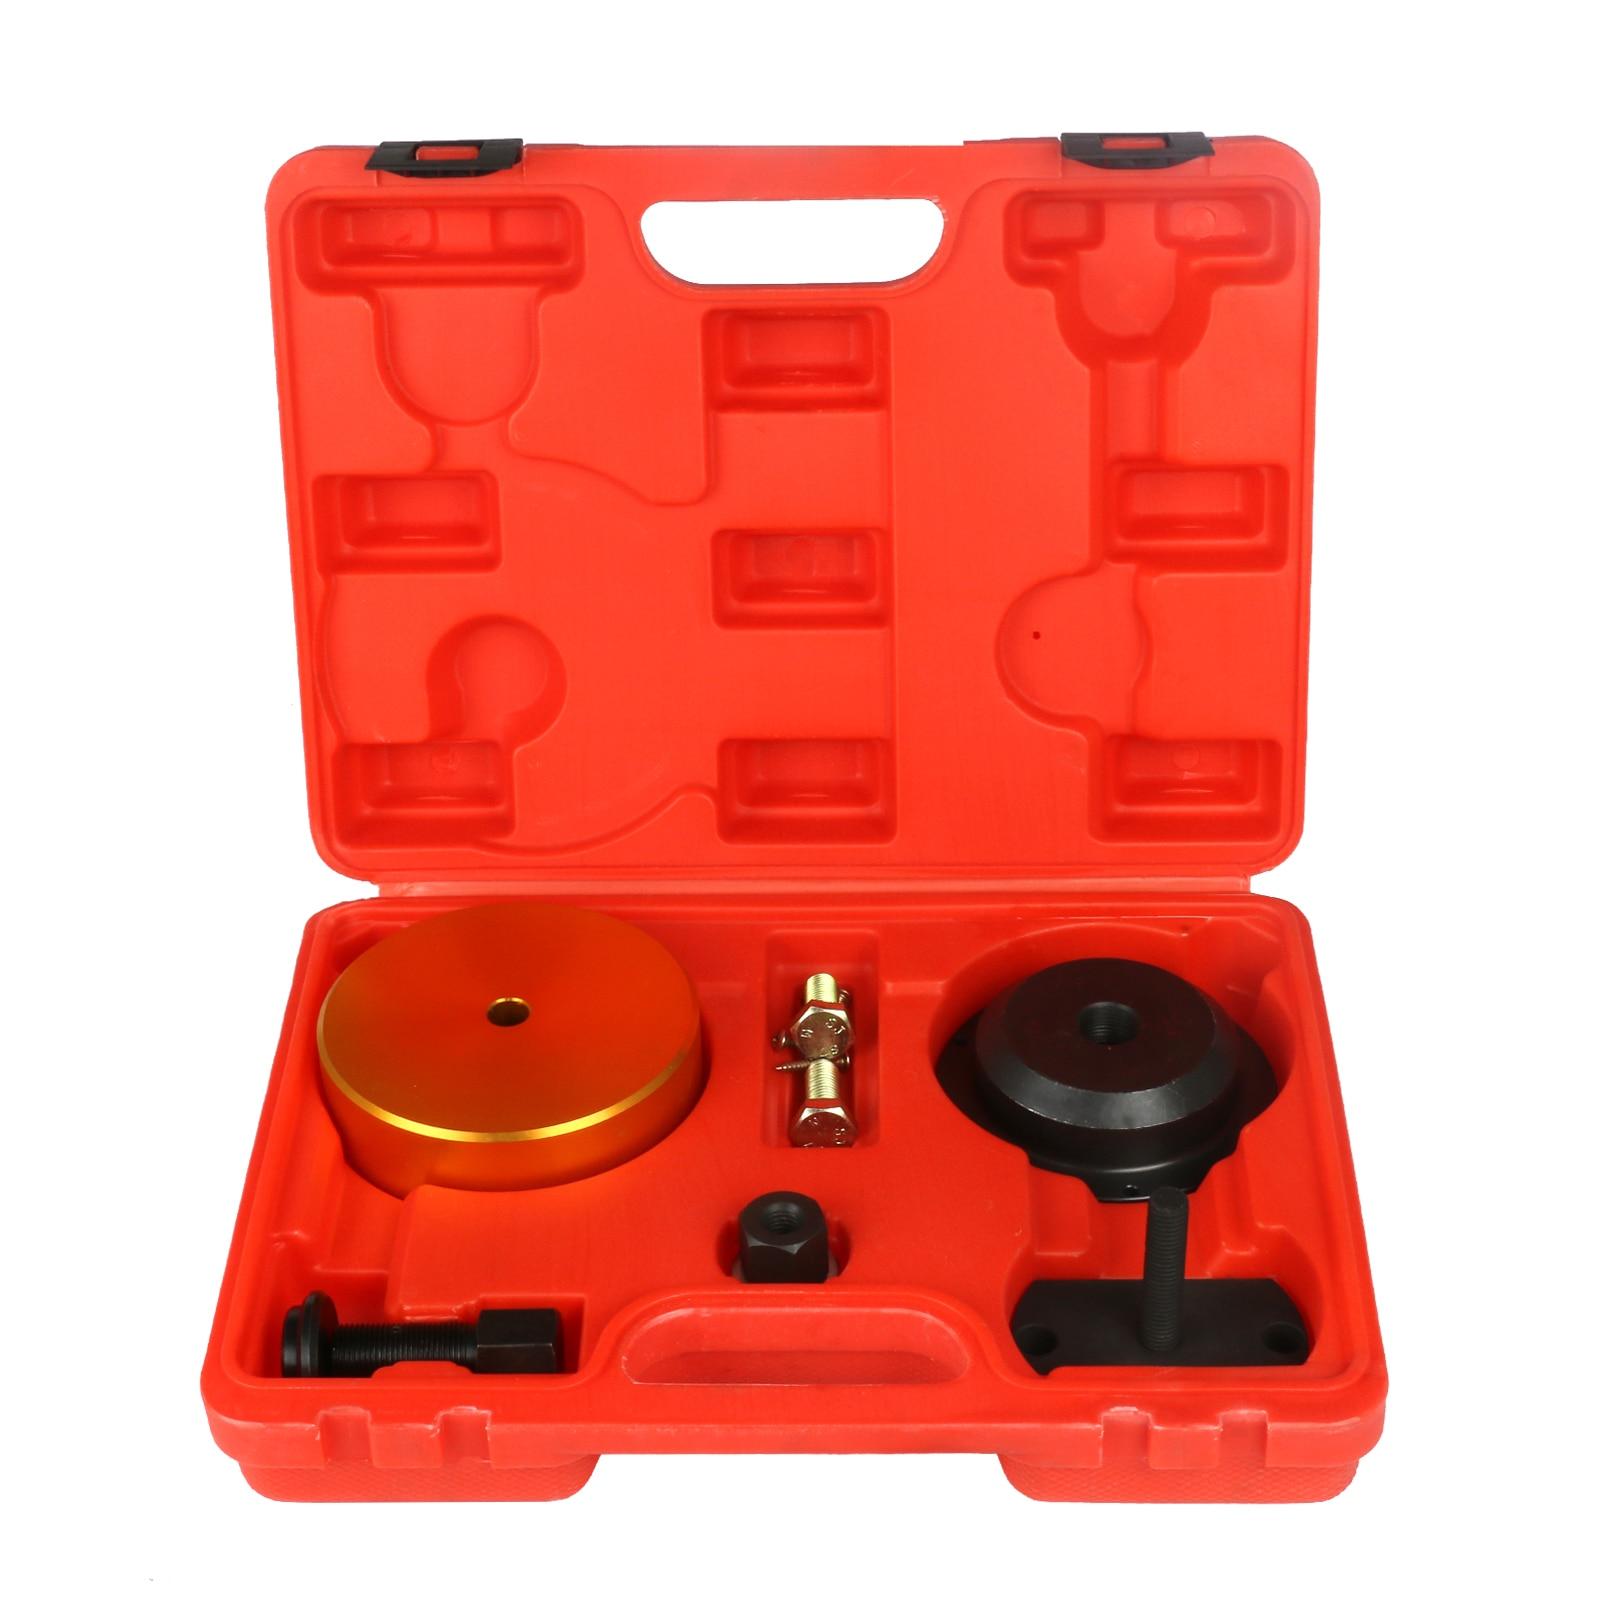 Kit de retrait/Installation de joint d'huile de vilebrequin BMW pour moteurs N42 N46 N52 N53 N54 N45